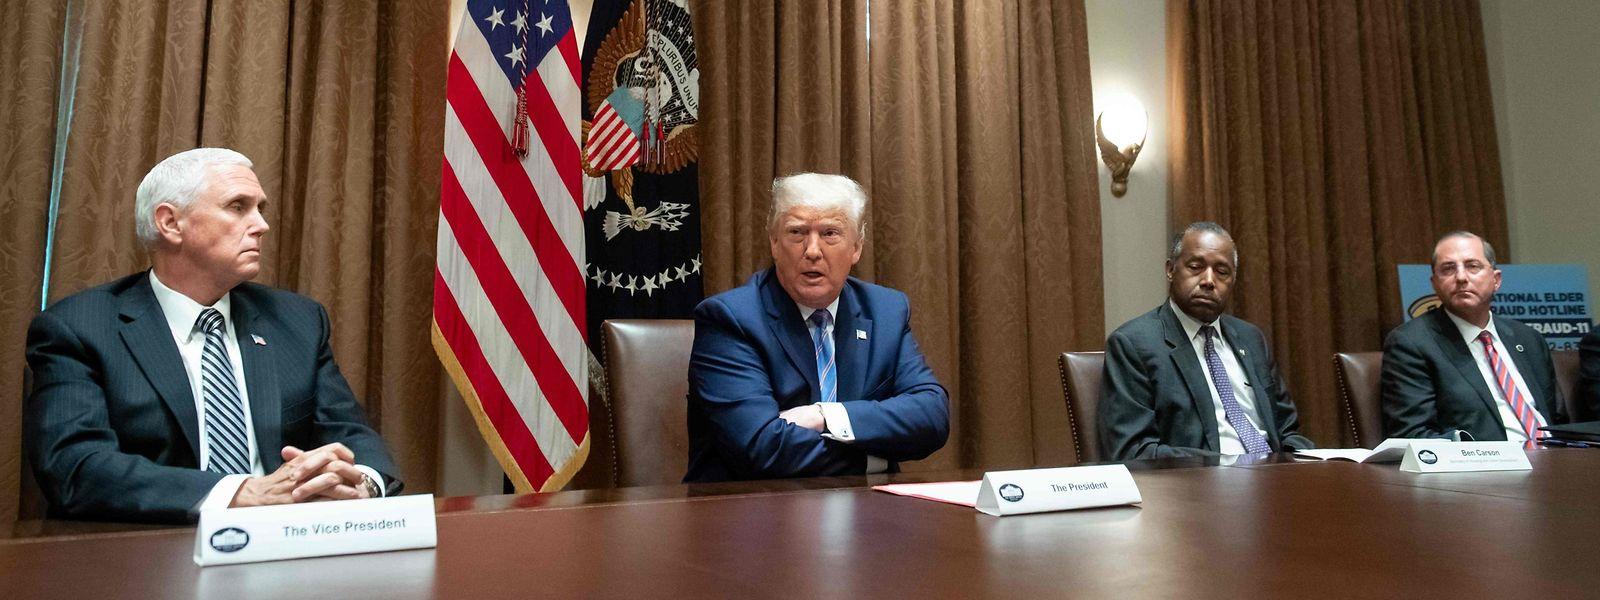 US-Präsident Donald Trump zusammen mit Vizepräsident Mike Pence (L), Minister für Wohnungsbau Ben Carson (2. R) und Gesundheitsminister Alex Azar (R) am Montag.